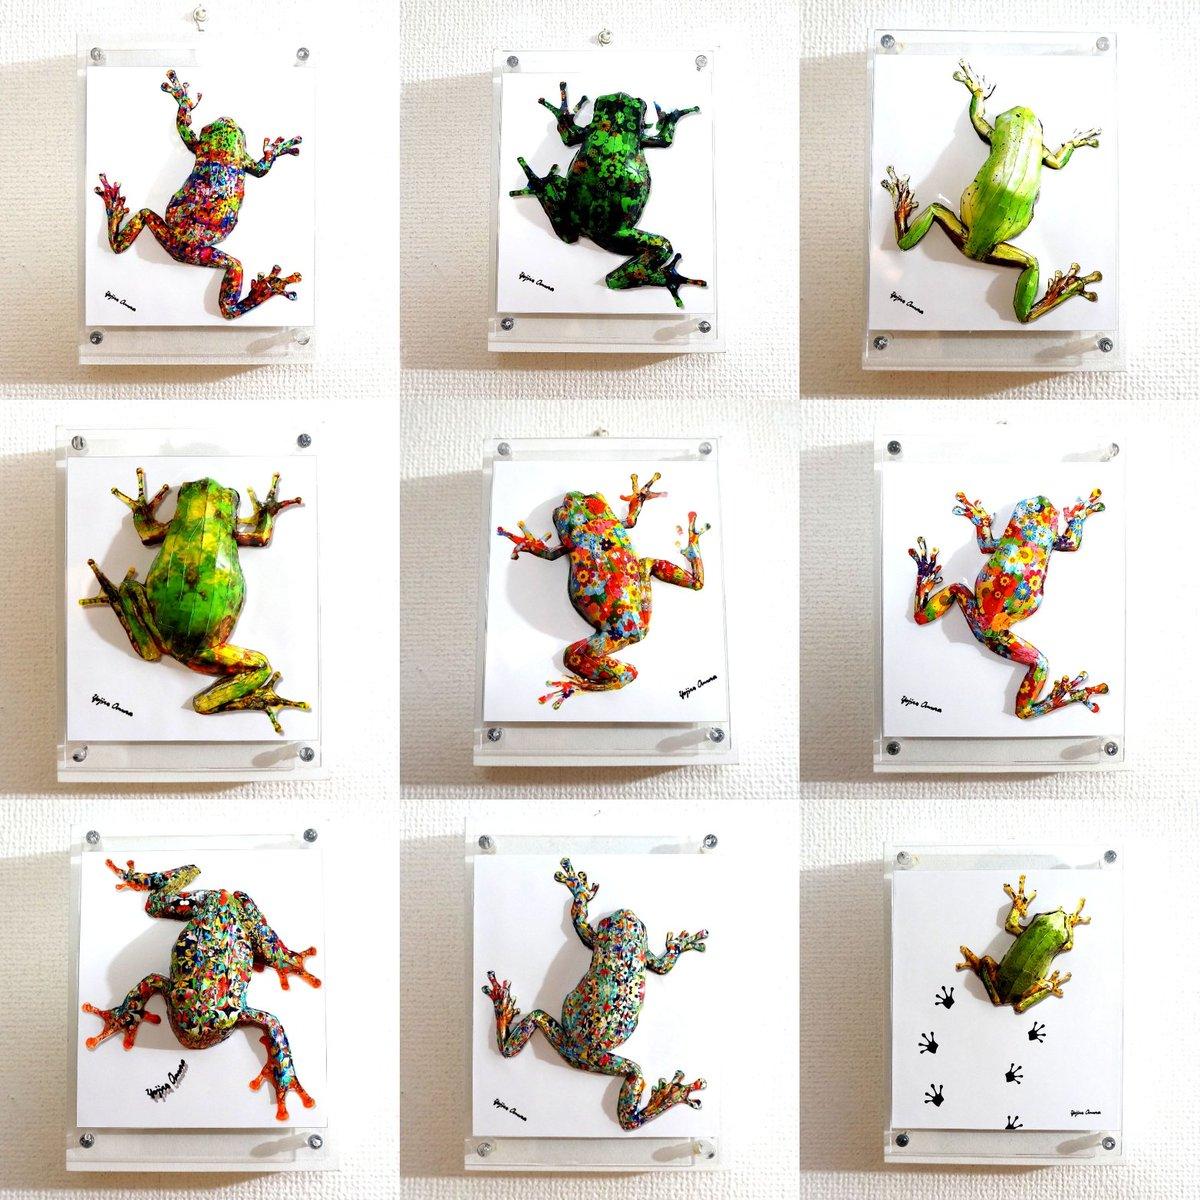 カエル  2020~2021  #paperarts  #popart  #frog  #frogart  #animalart  #insect  #amphibian  #amphibianart  #contemporaryart  #ペーパークラフト  #アートのある暮らし  #ポップアート  #コンテンポラリーアート  #現代アート  #カエルアート  #カエル #アマガエル   #両生類  #紙アート